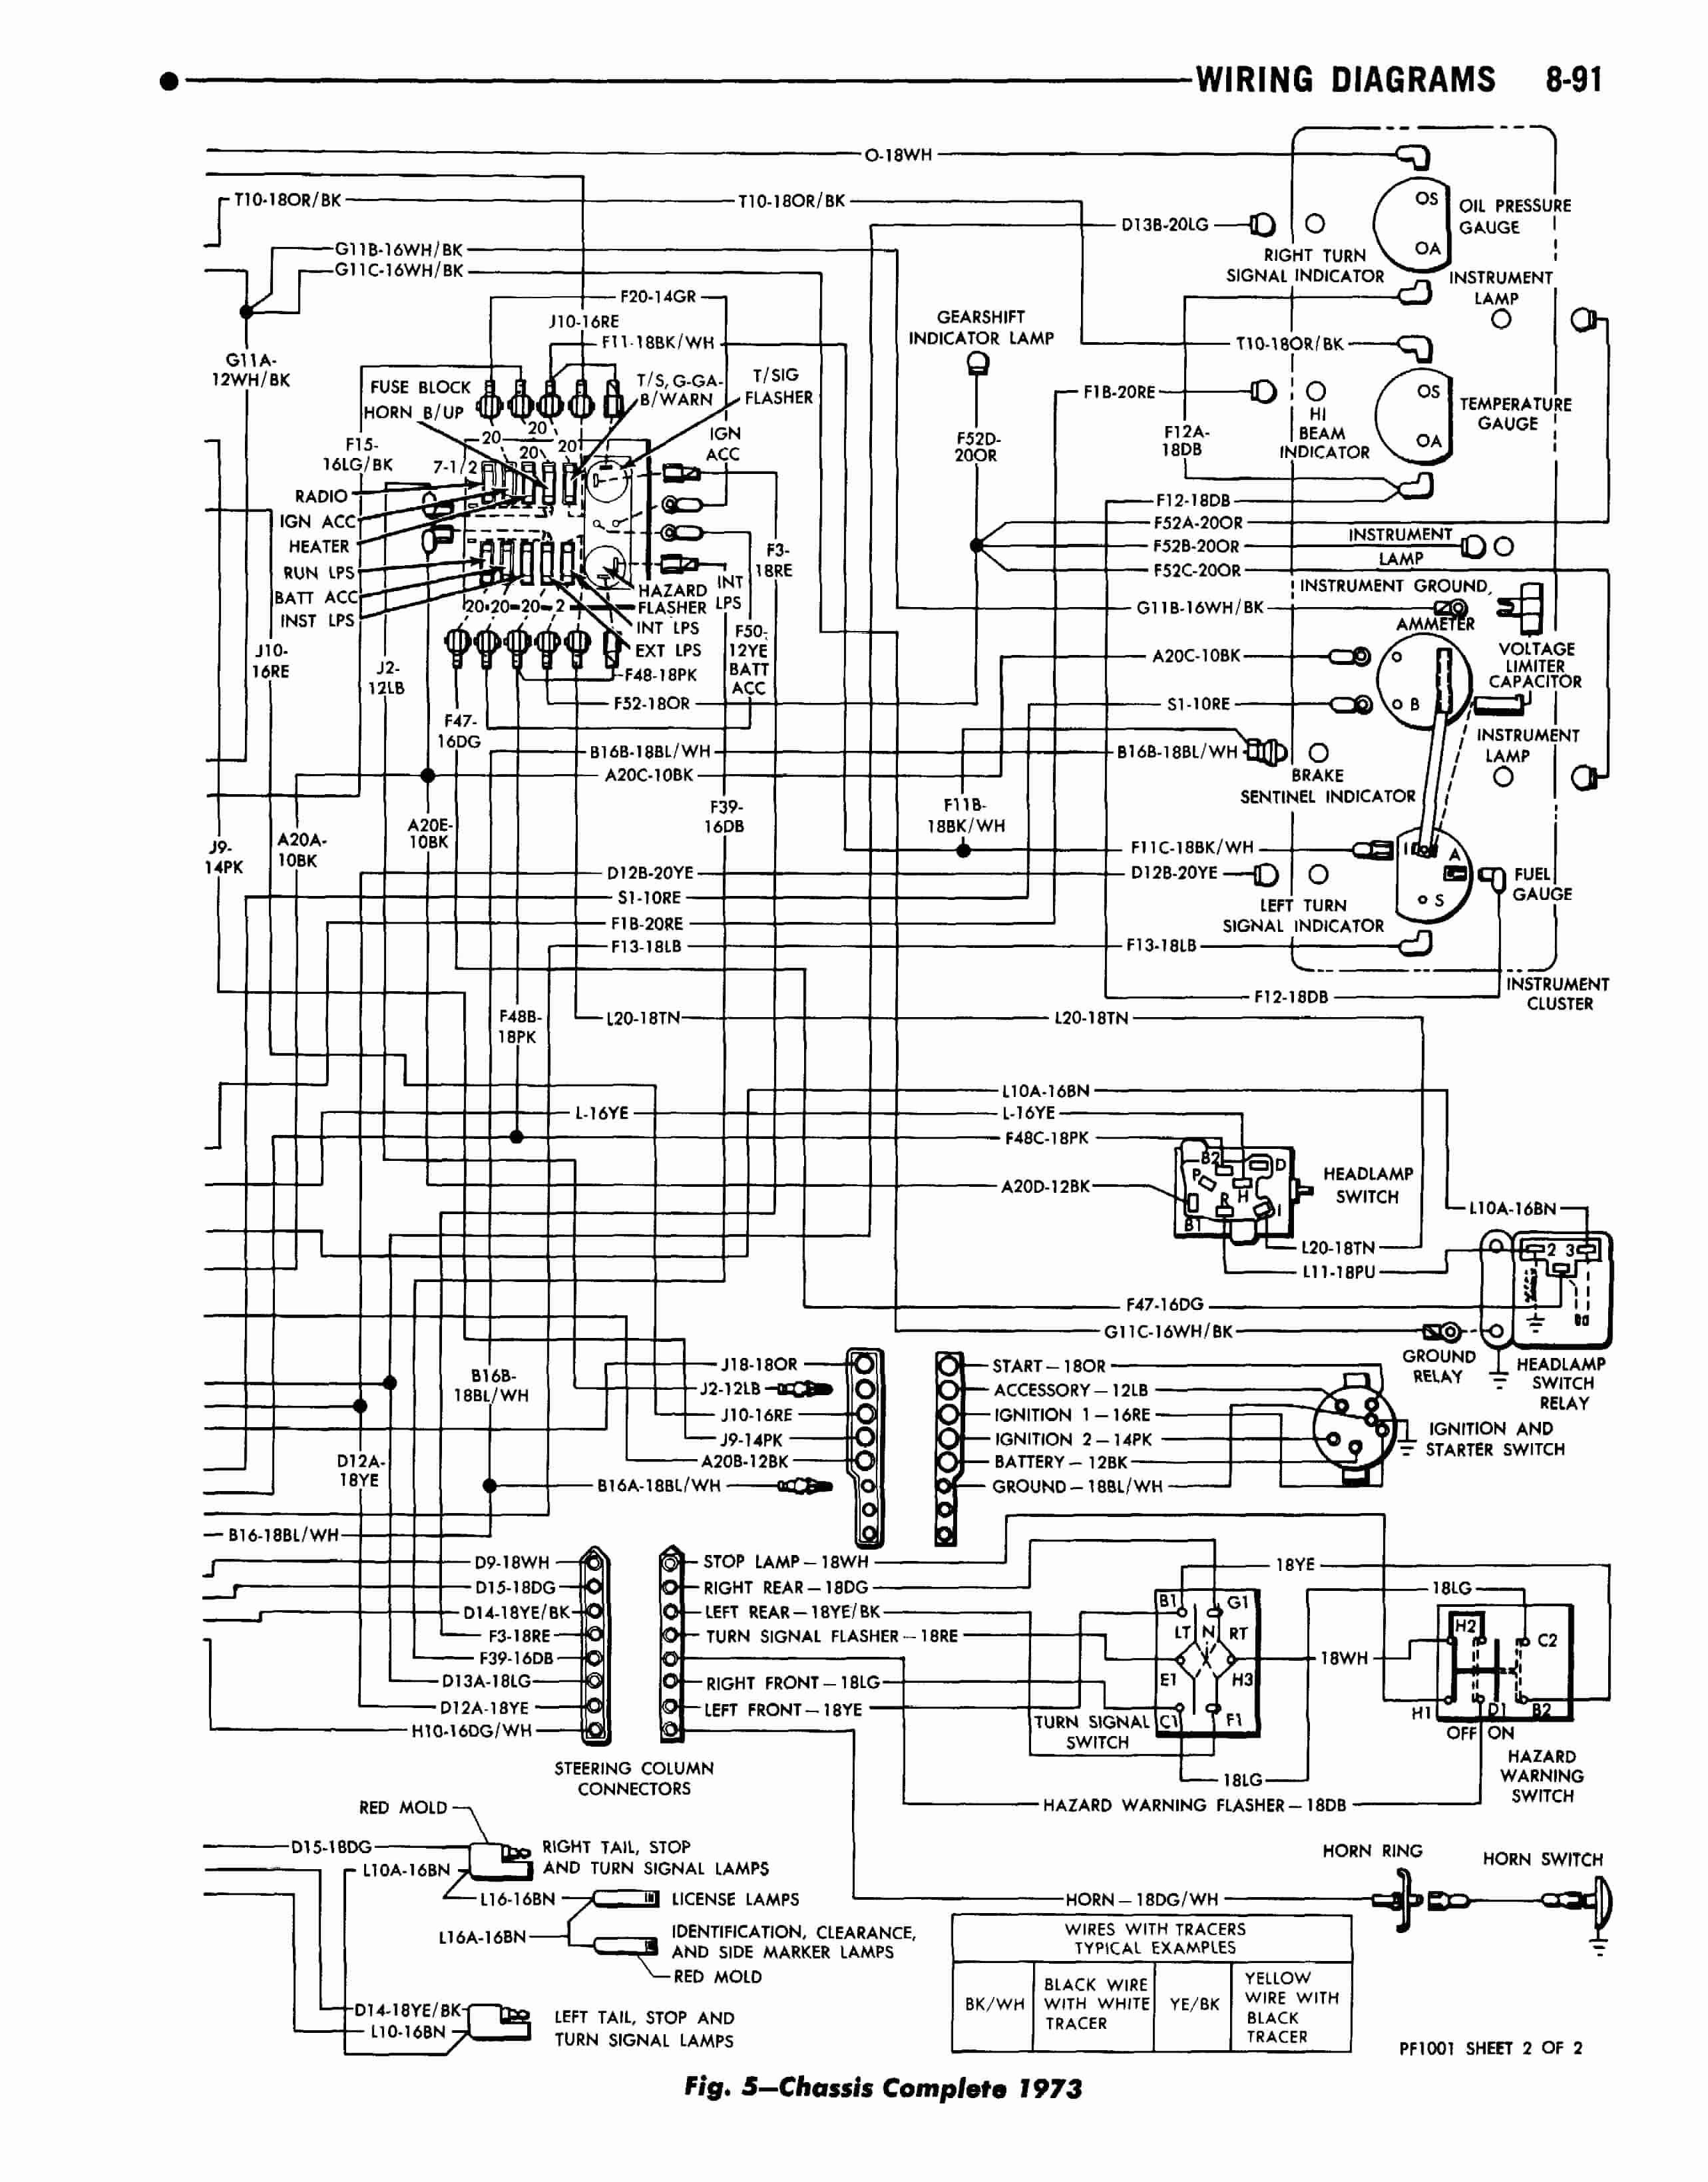 Winnebago Motorhome Wiring Diagram